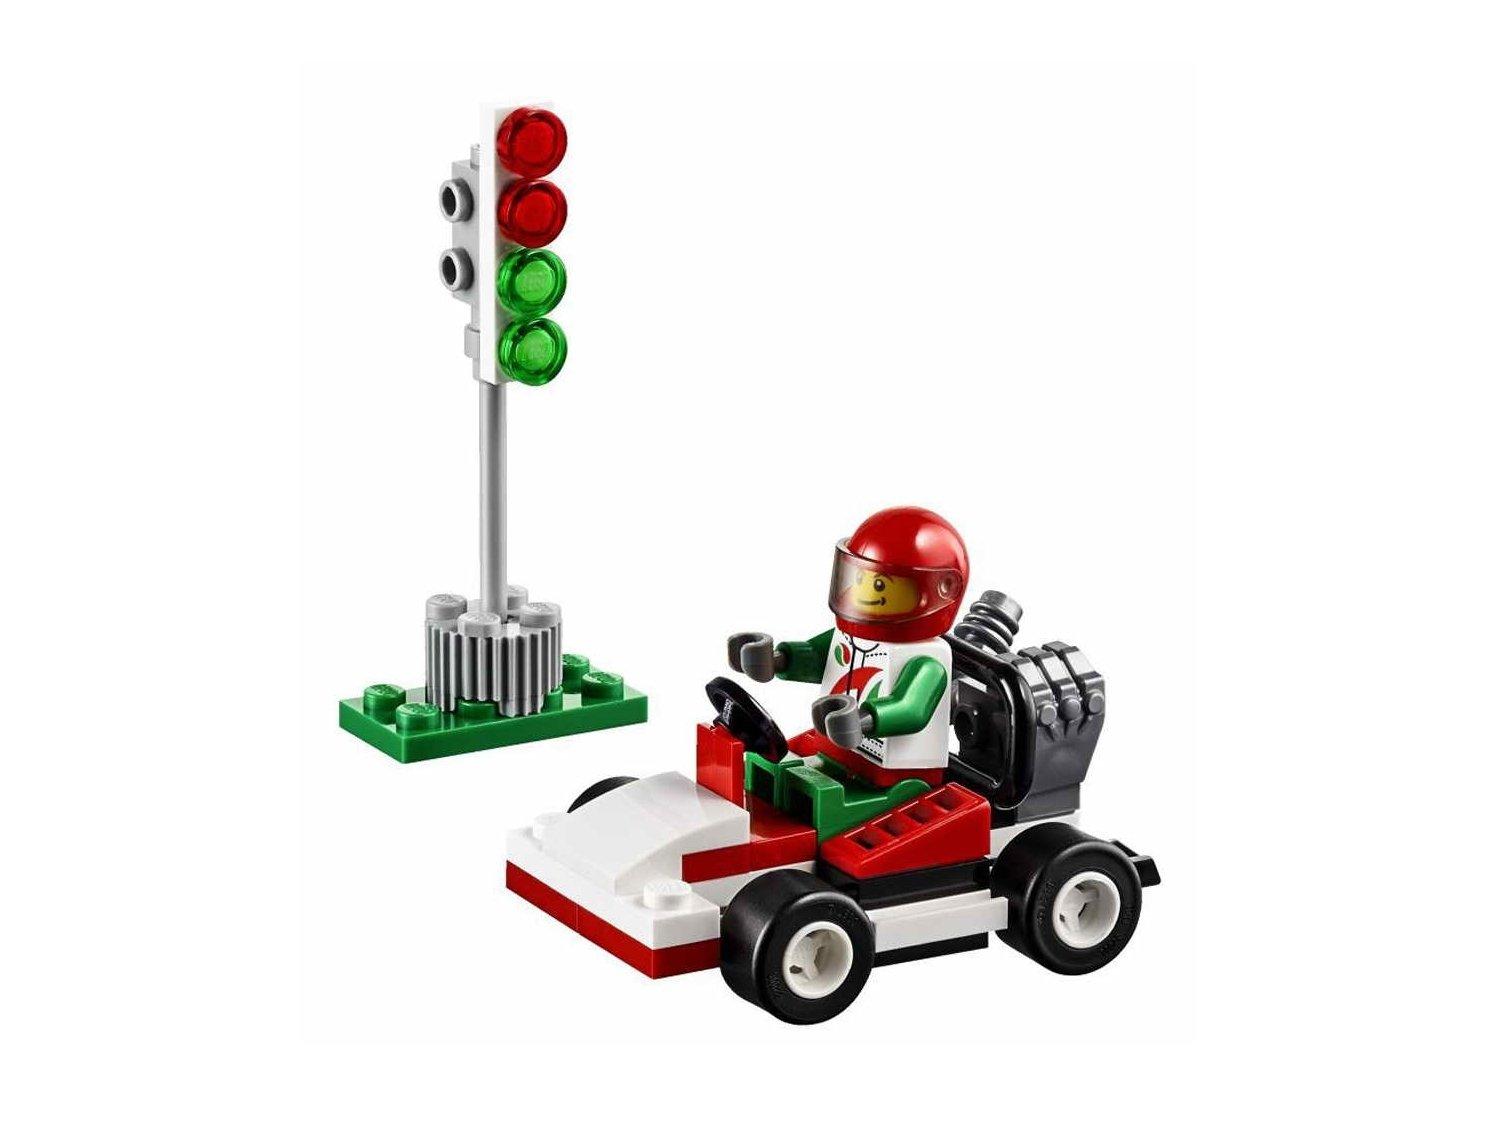 LEGO City Go-Kart Racer 30314